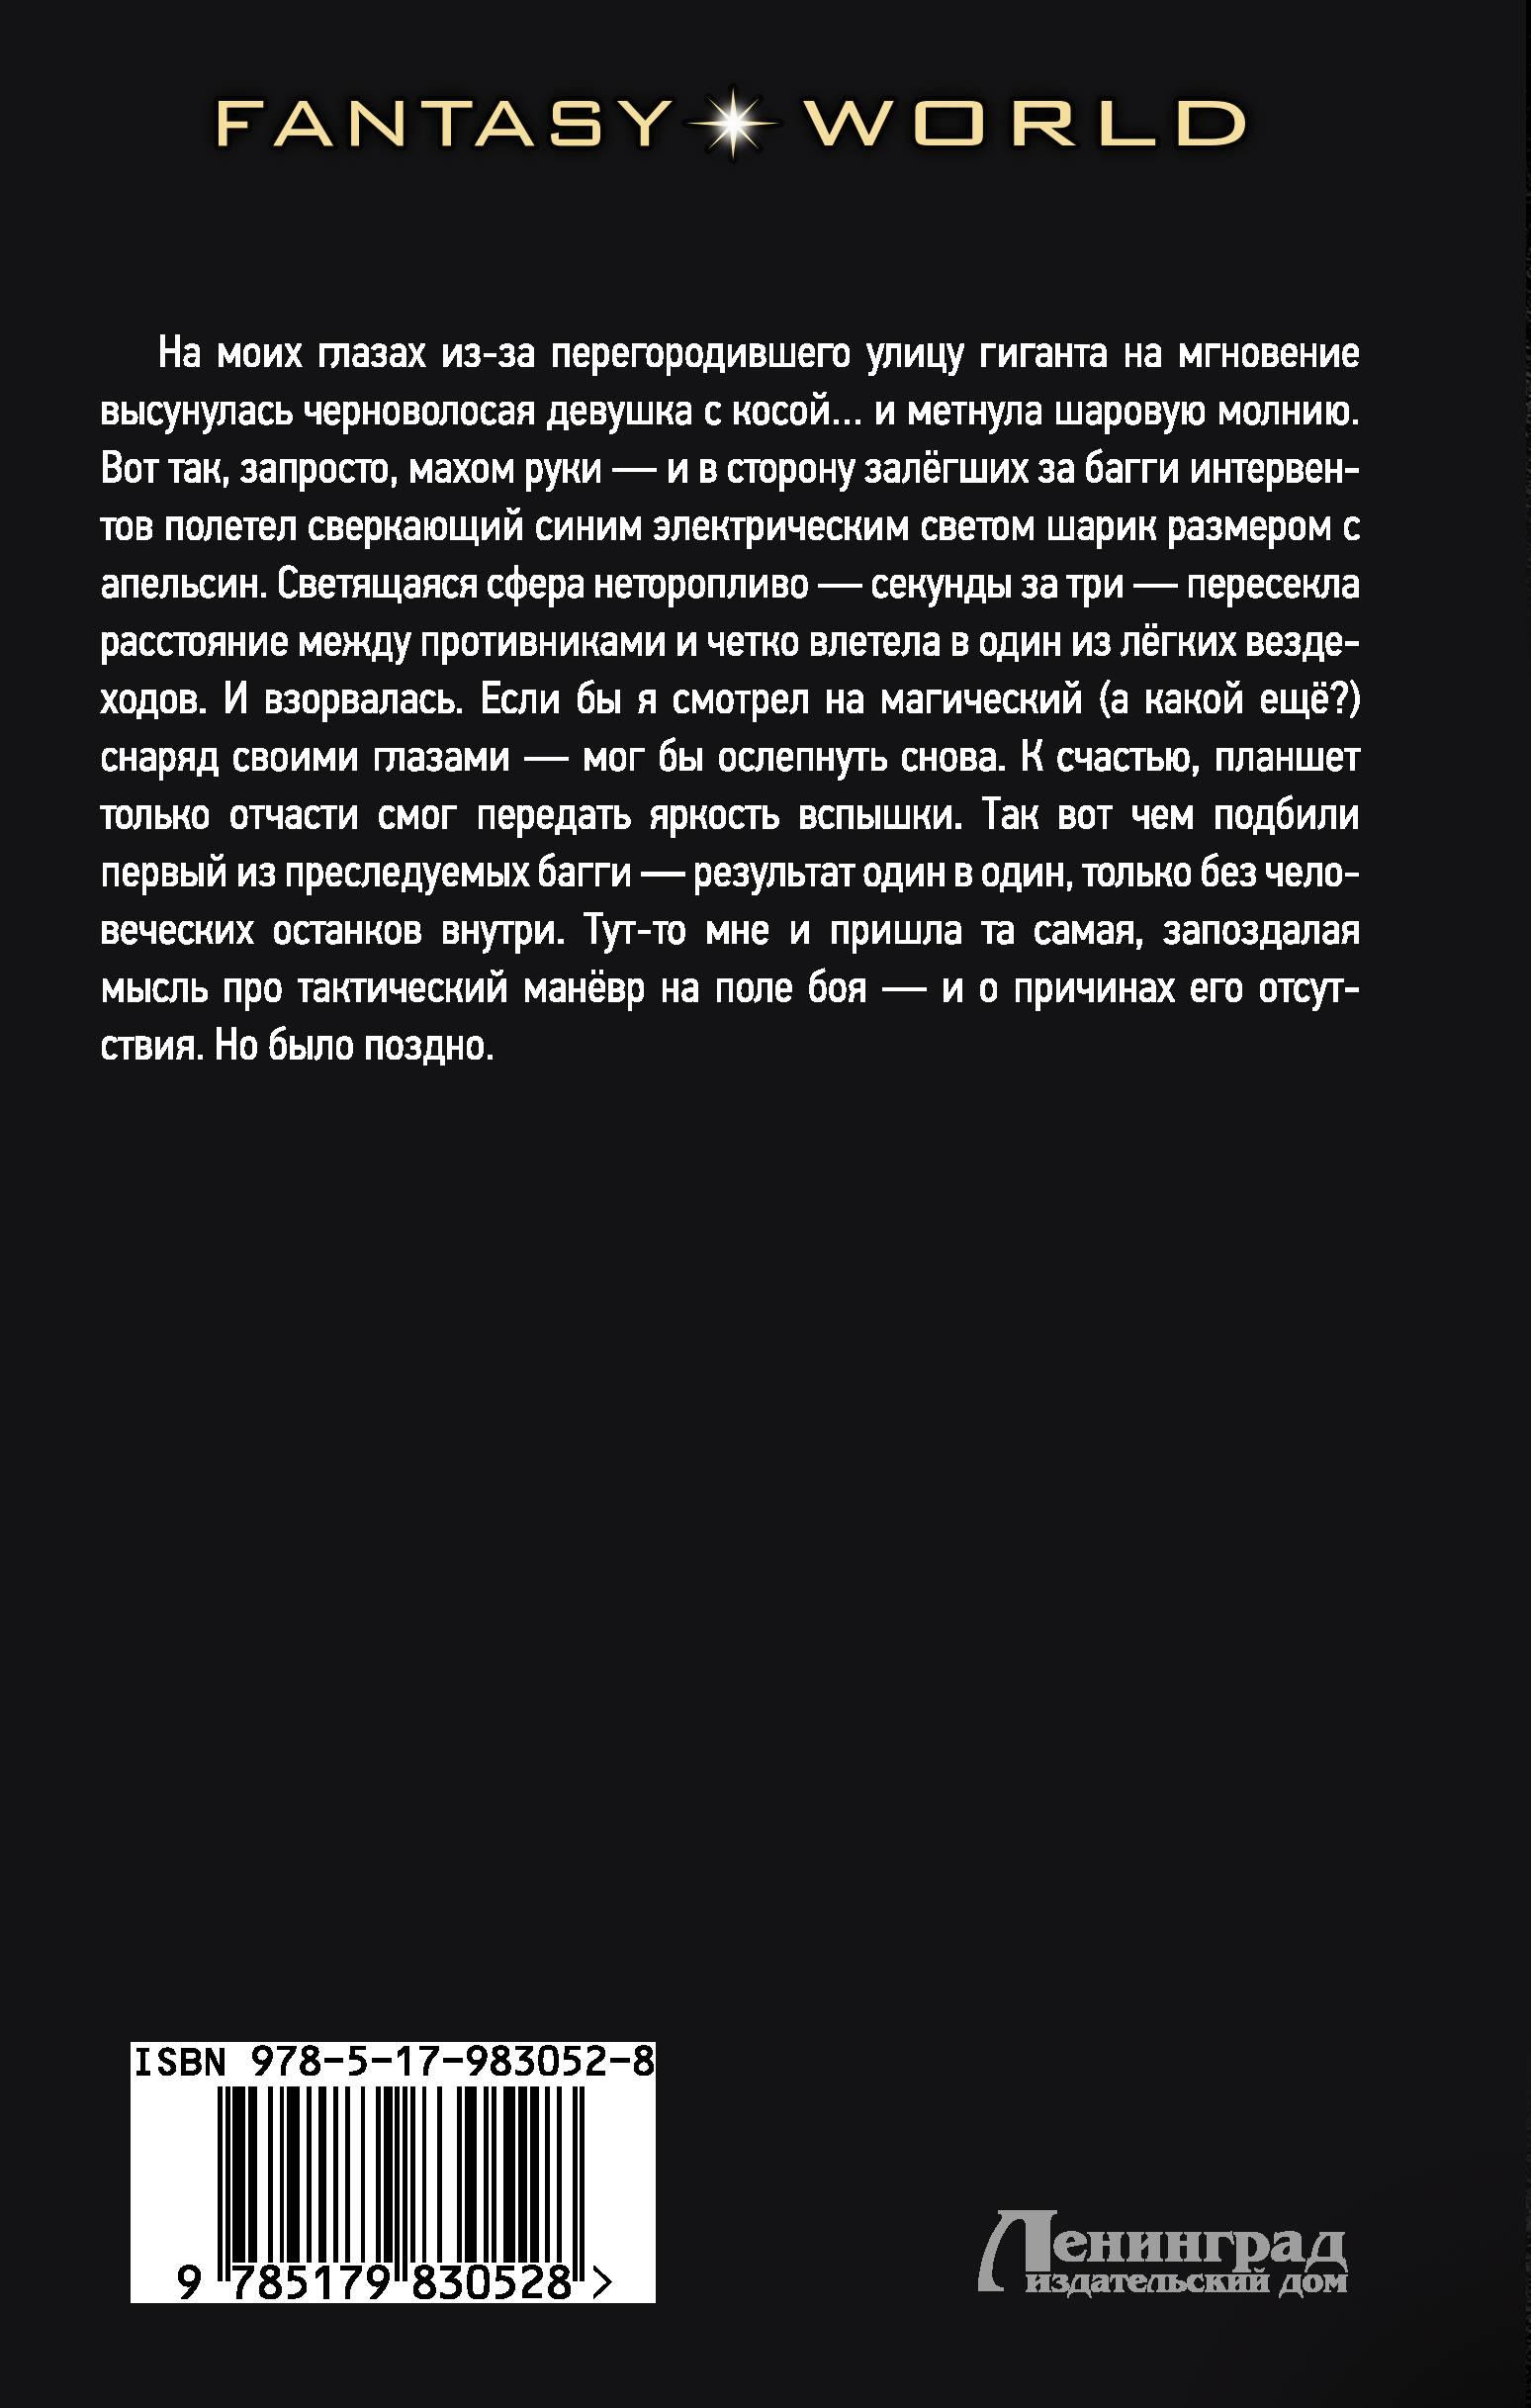 Техническое задание. Сергей Плотников